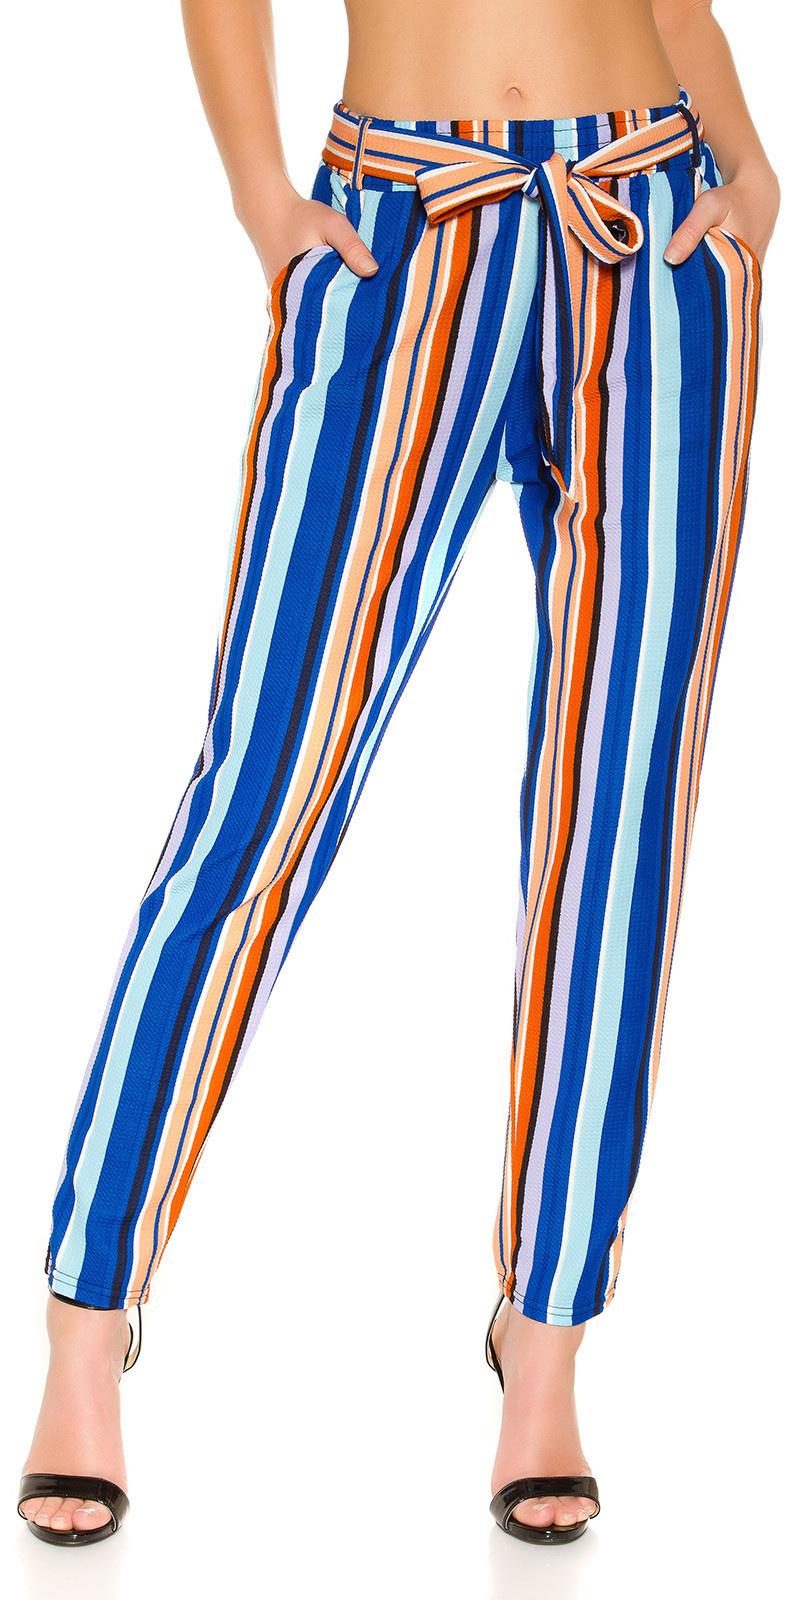 Trendy stoffen broek met riem turkoois-kleurig